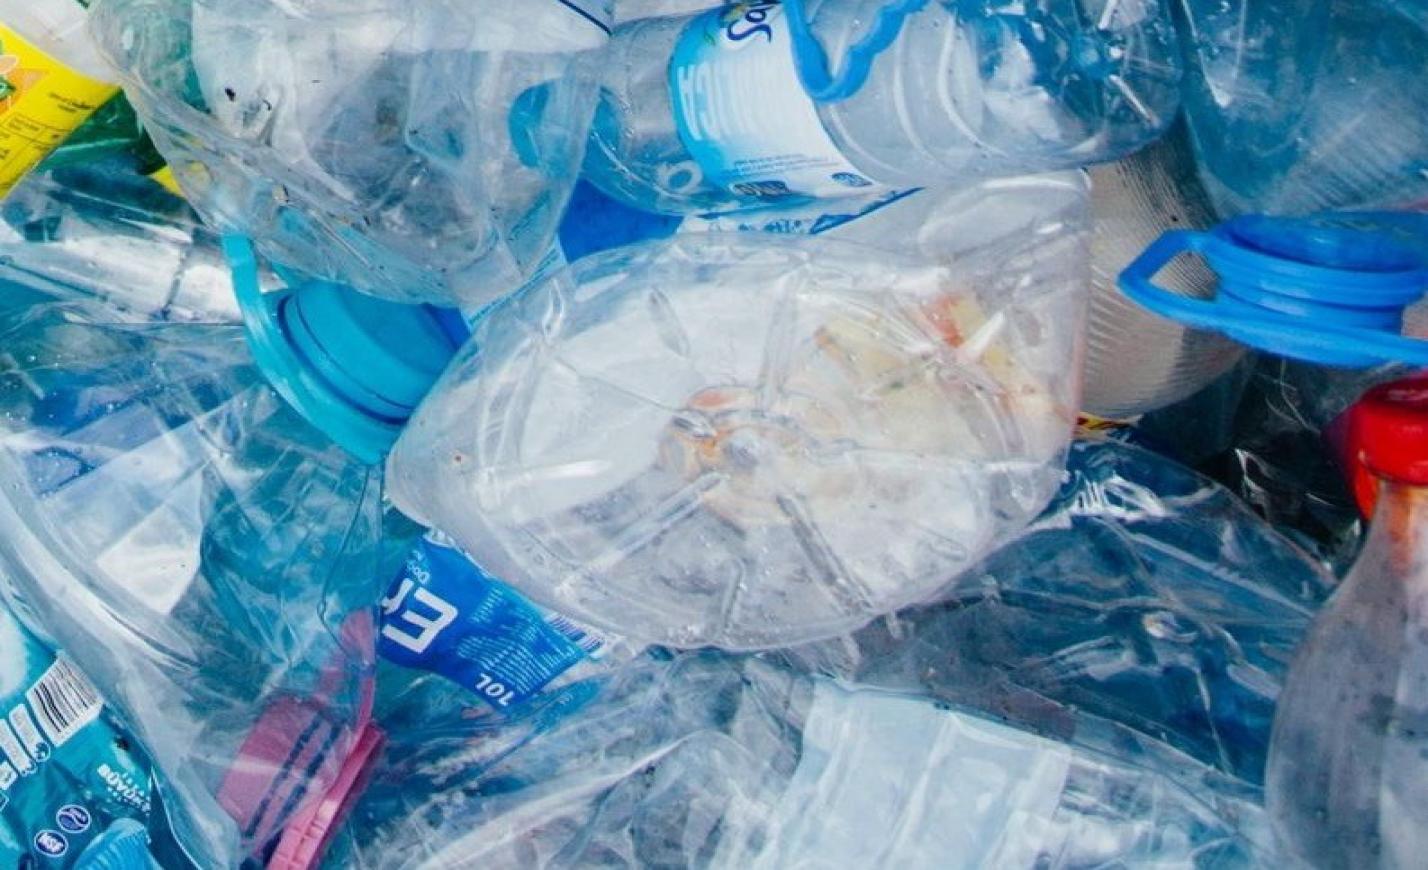 Áruházláncok a műanyag ellen